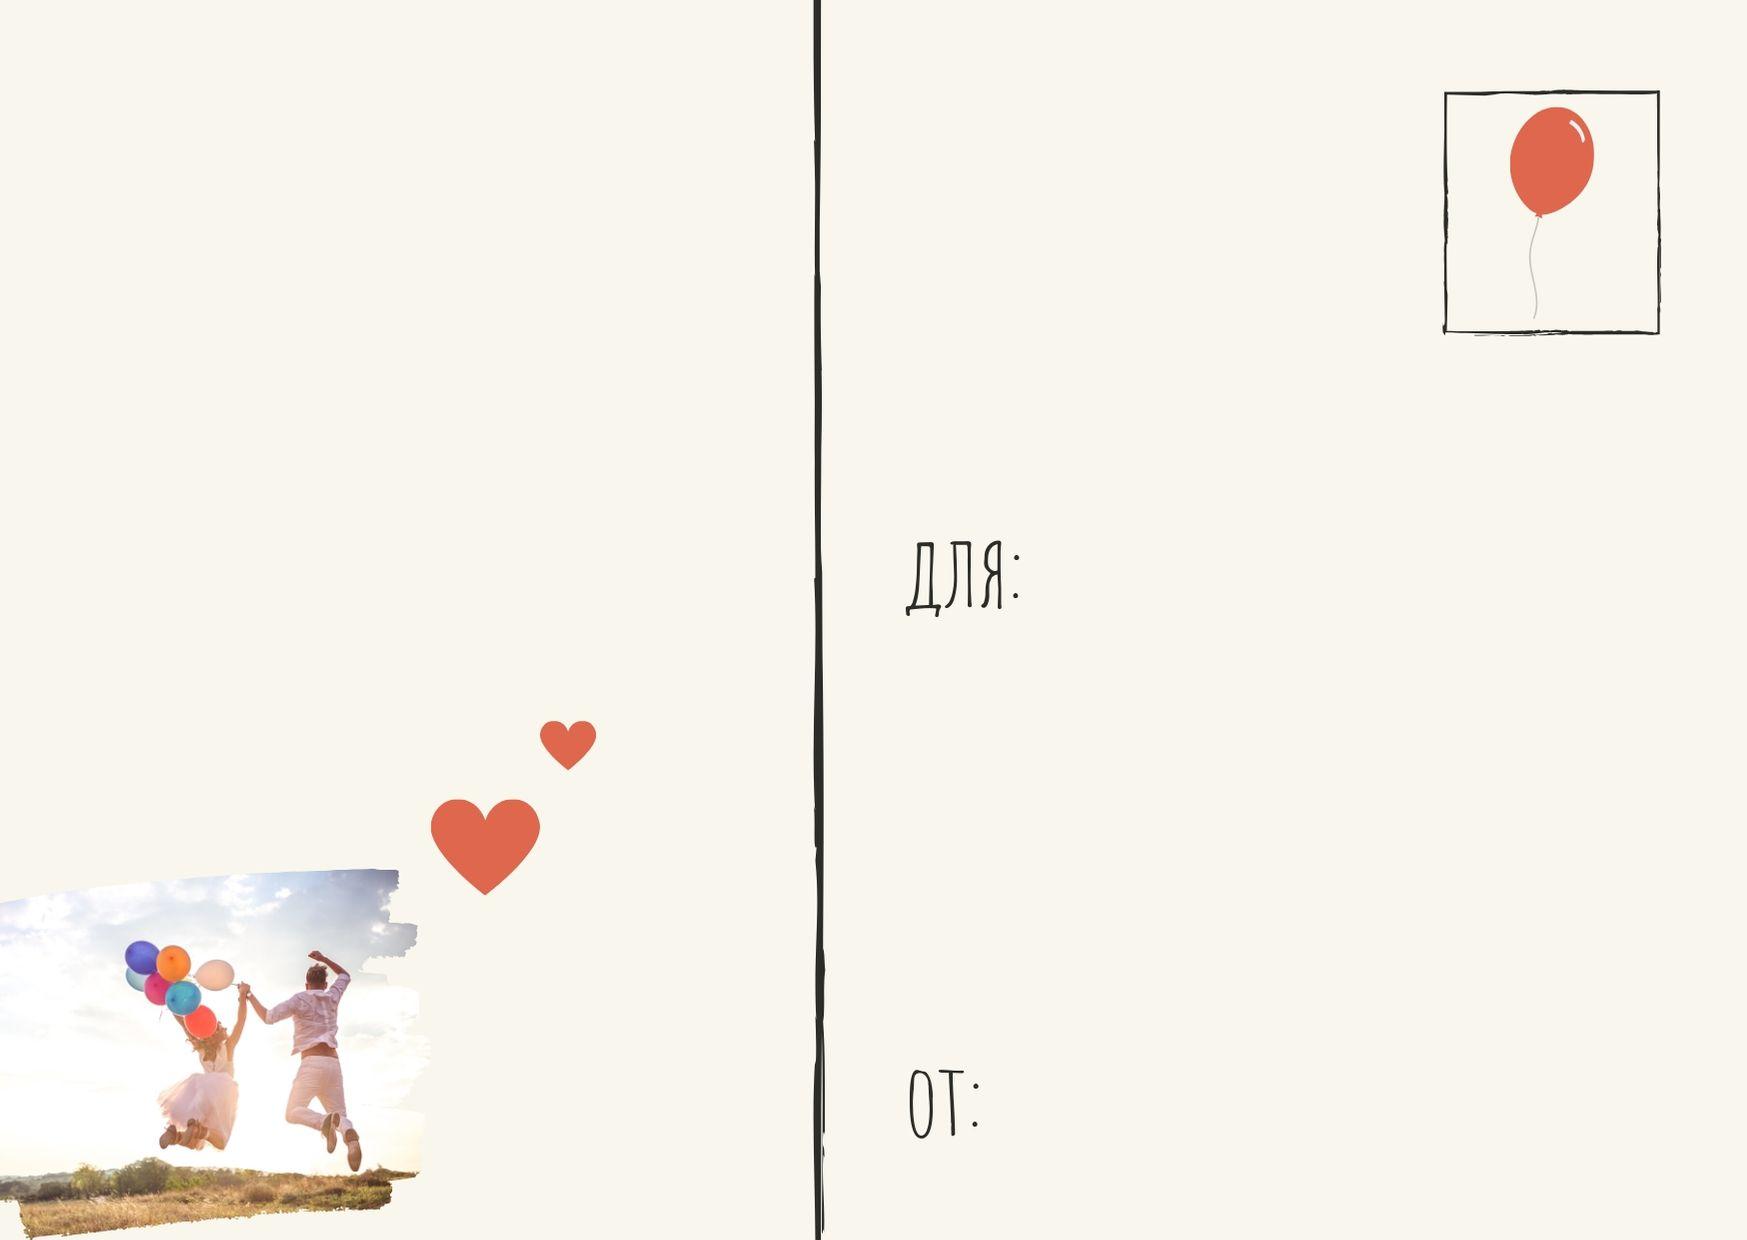 Как оригинально поздравить любимого человека 14 февраля